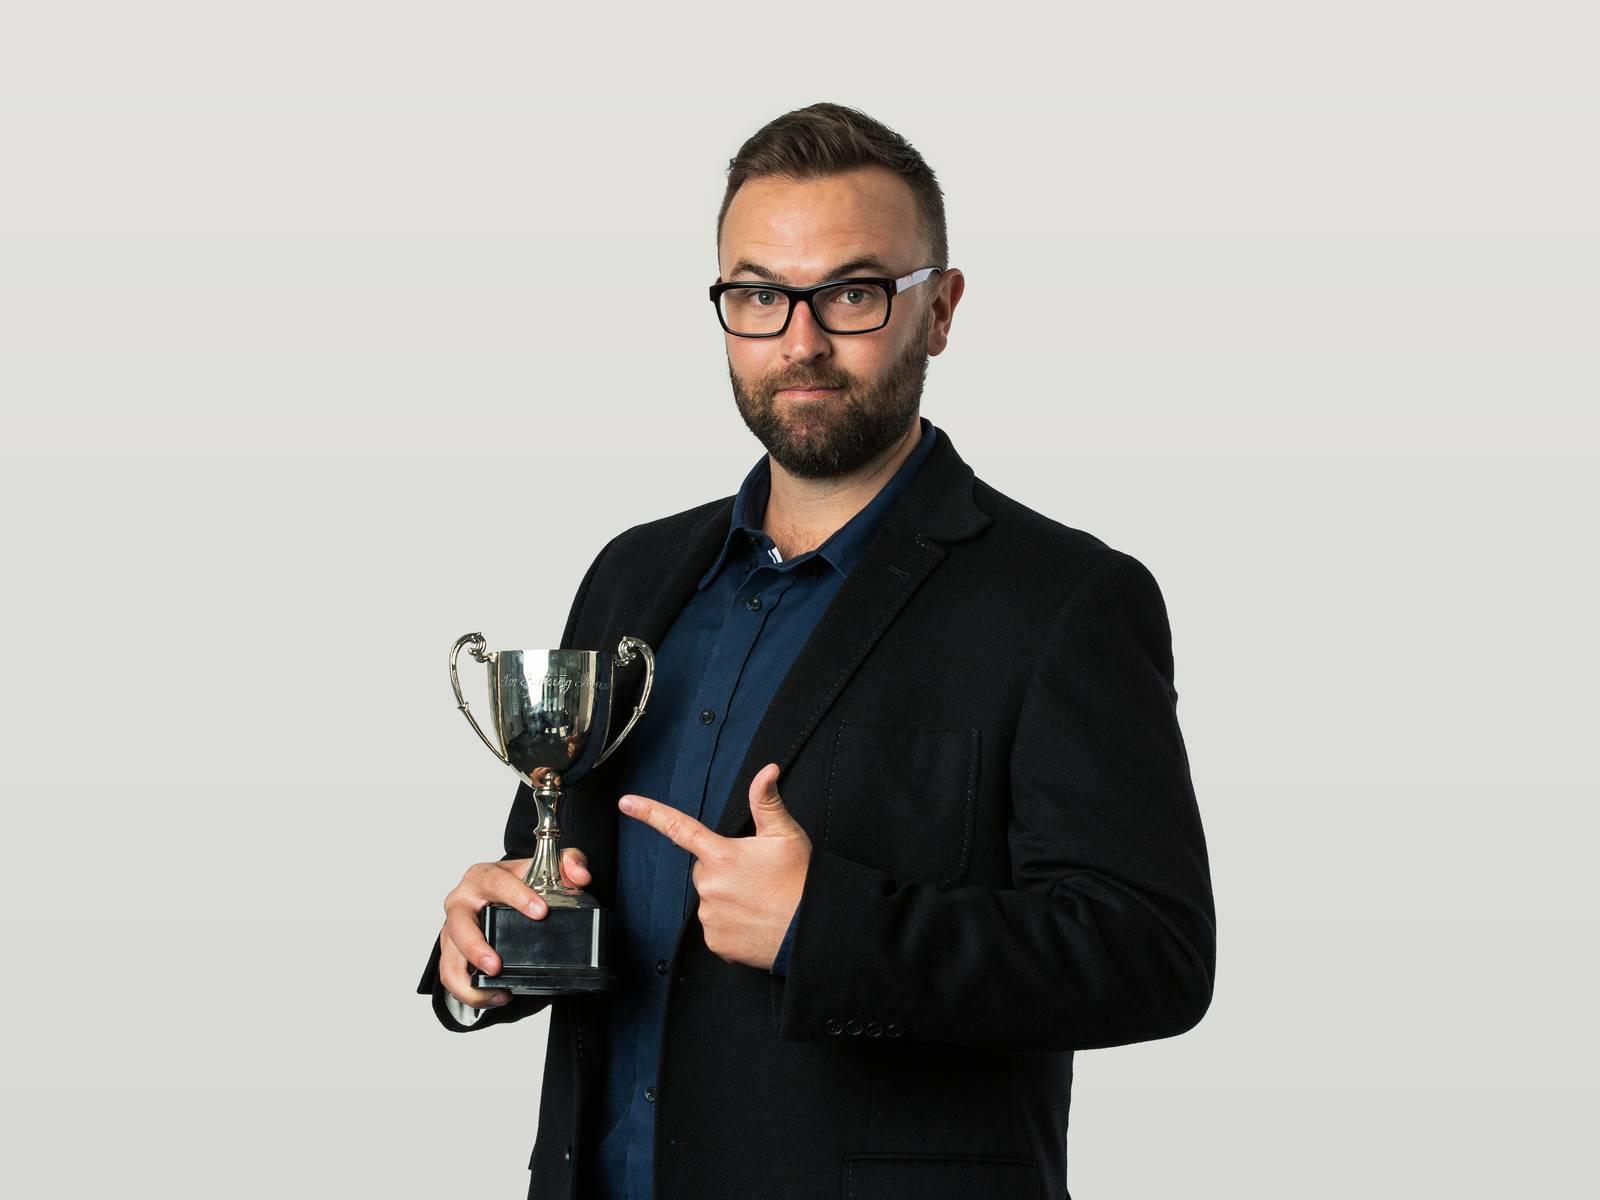 Jonny holding a trophy